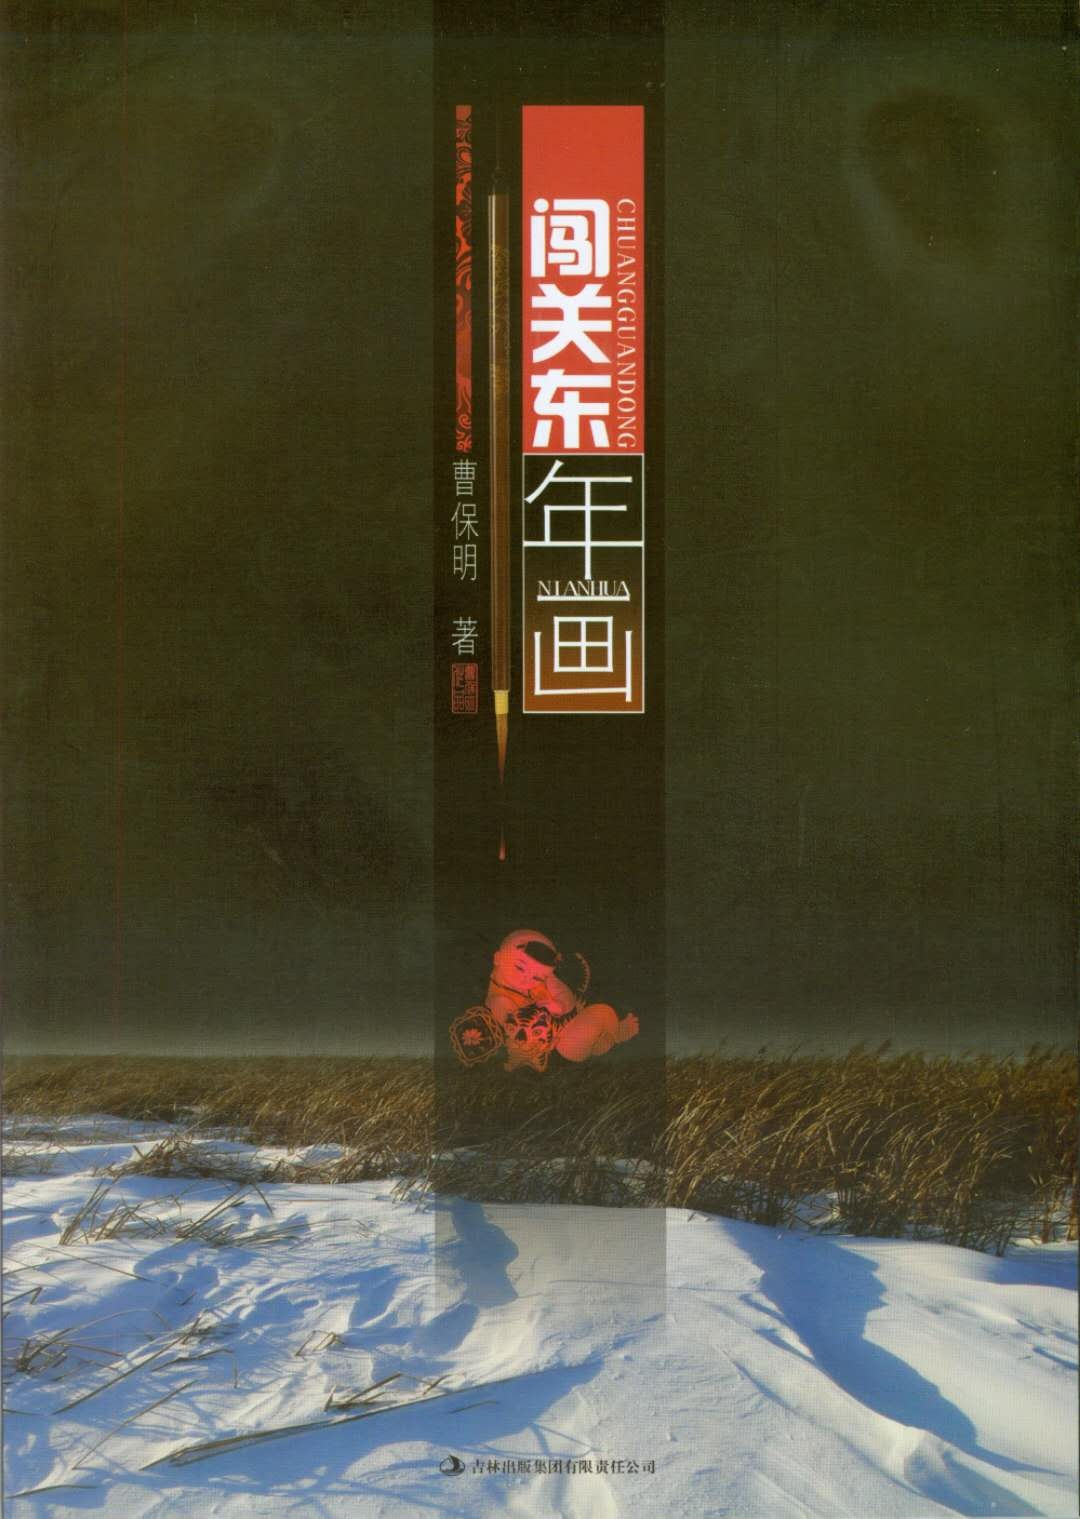 曹保明讲述丨北方的文化遗产(37)